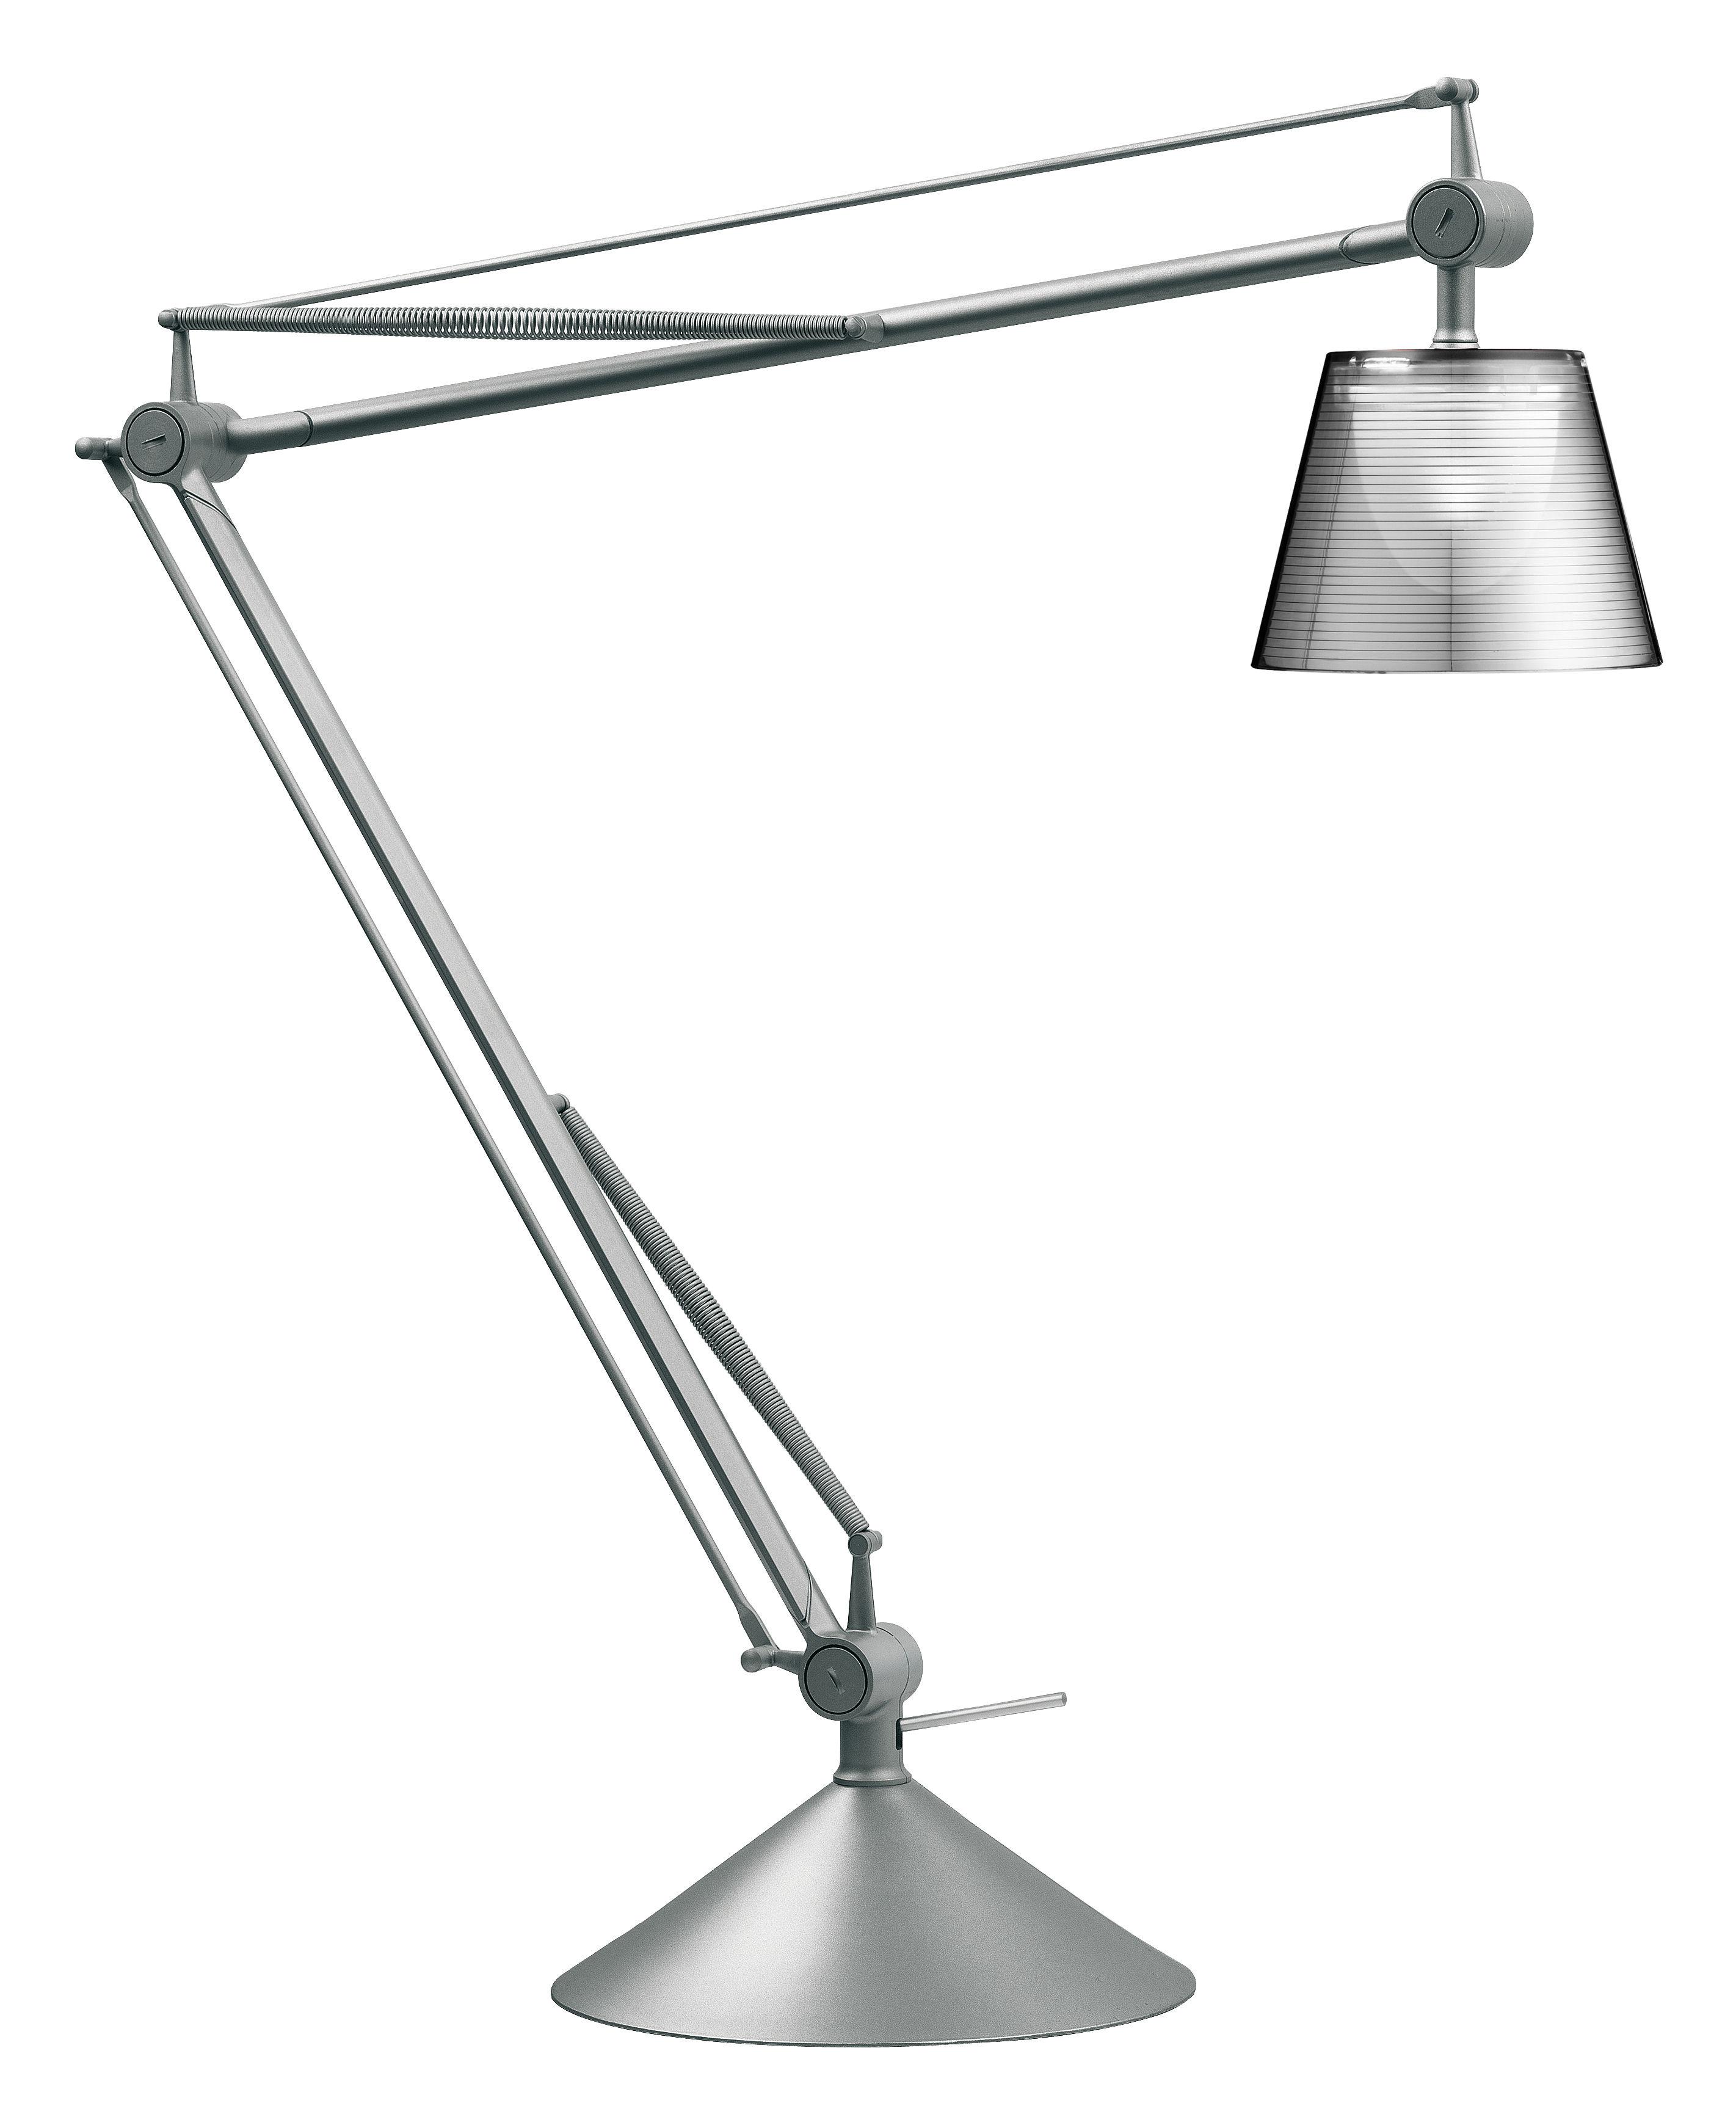 Leuchten - Tischleuchten - Archimoon K Tischleuchte - Flos - Transparent - Aluminium, Methacrylate